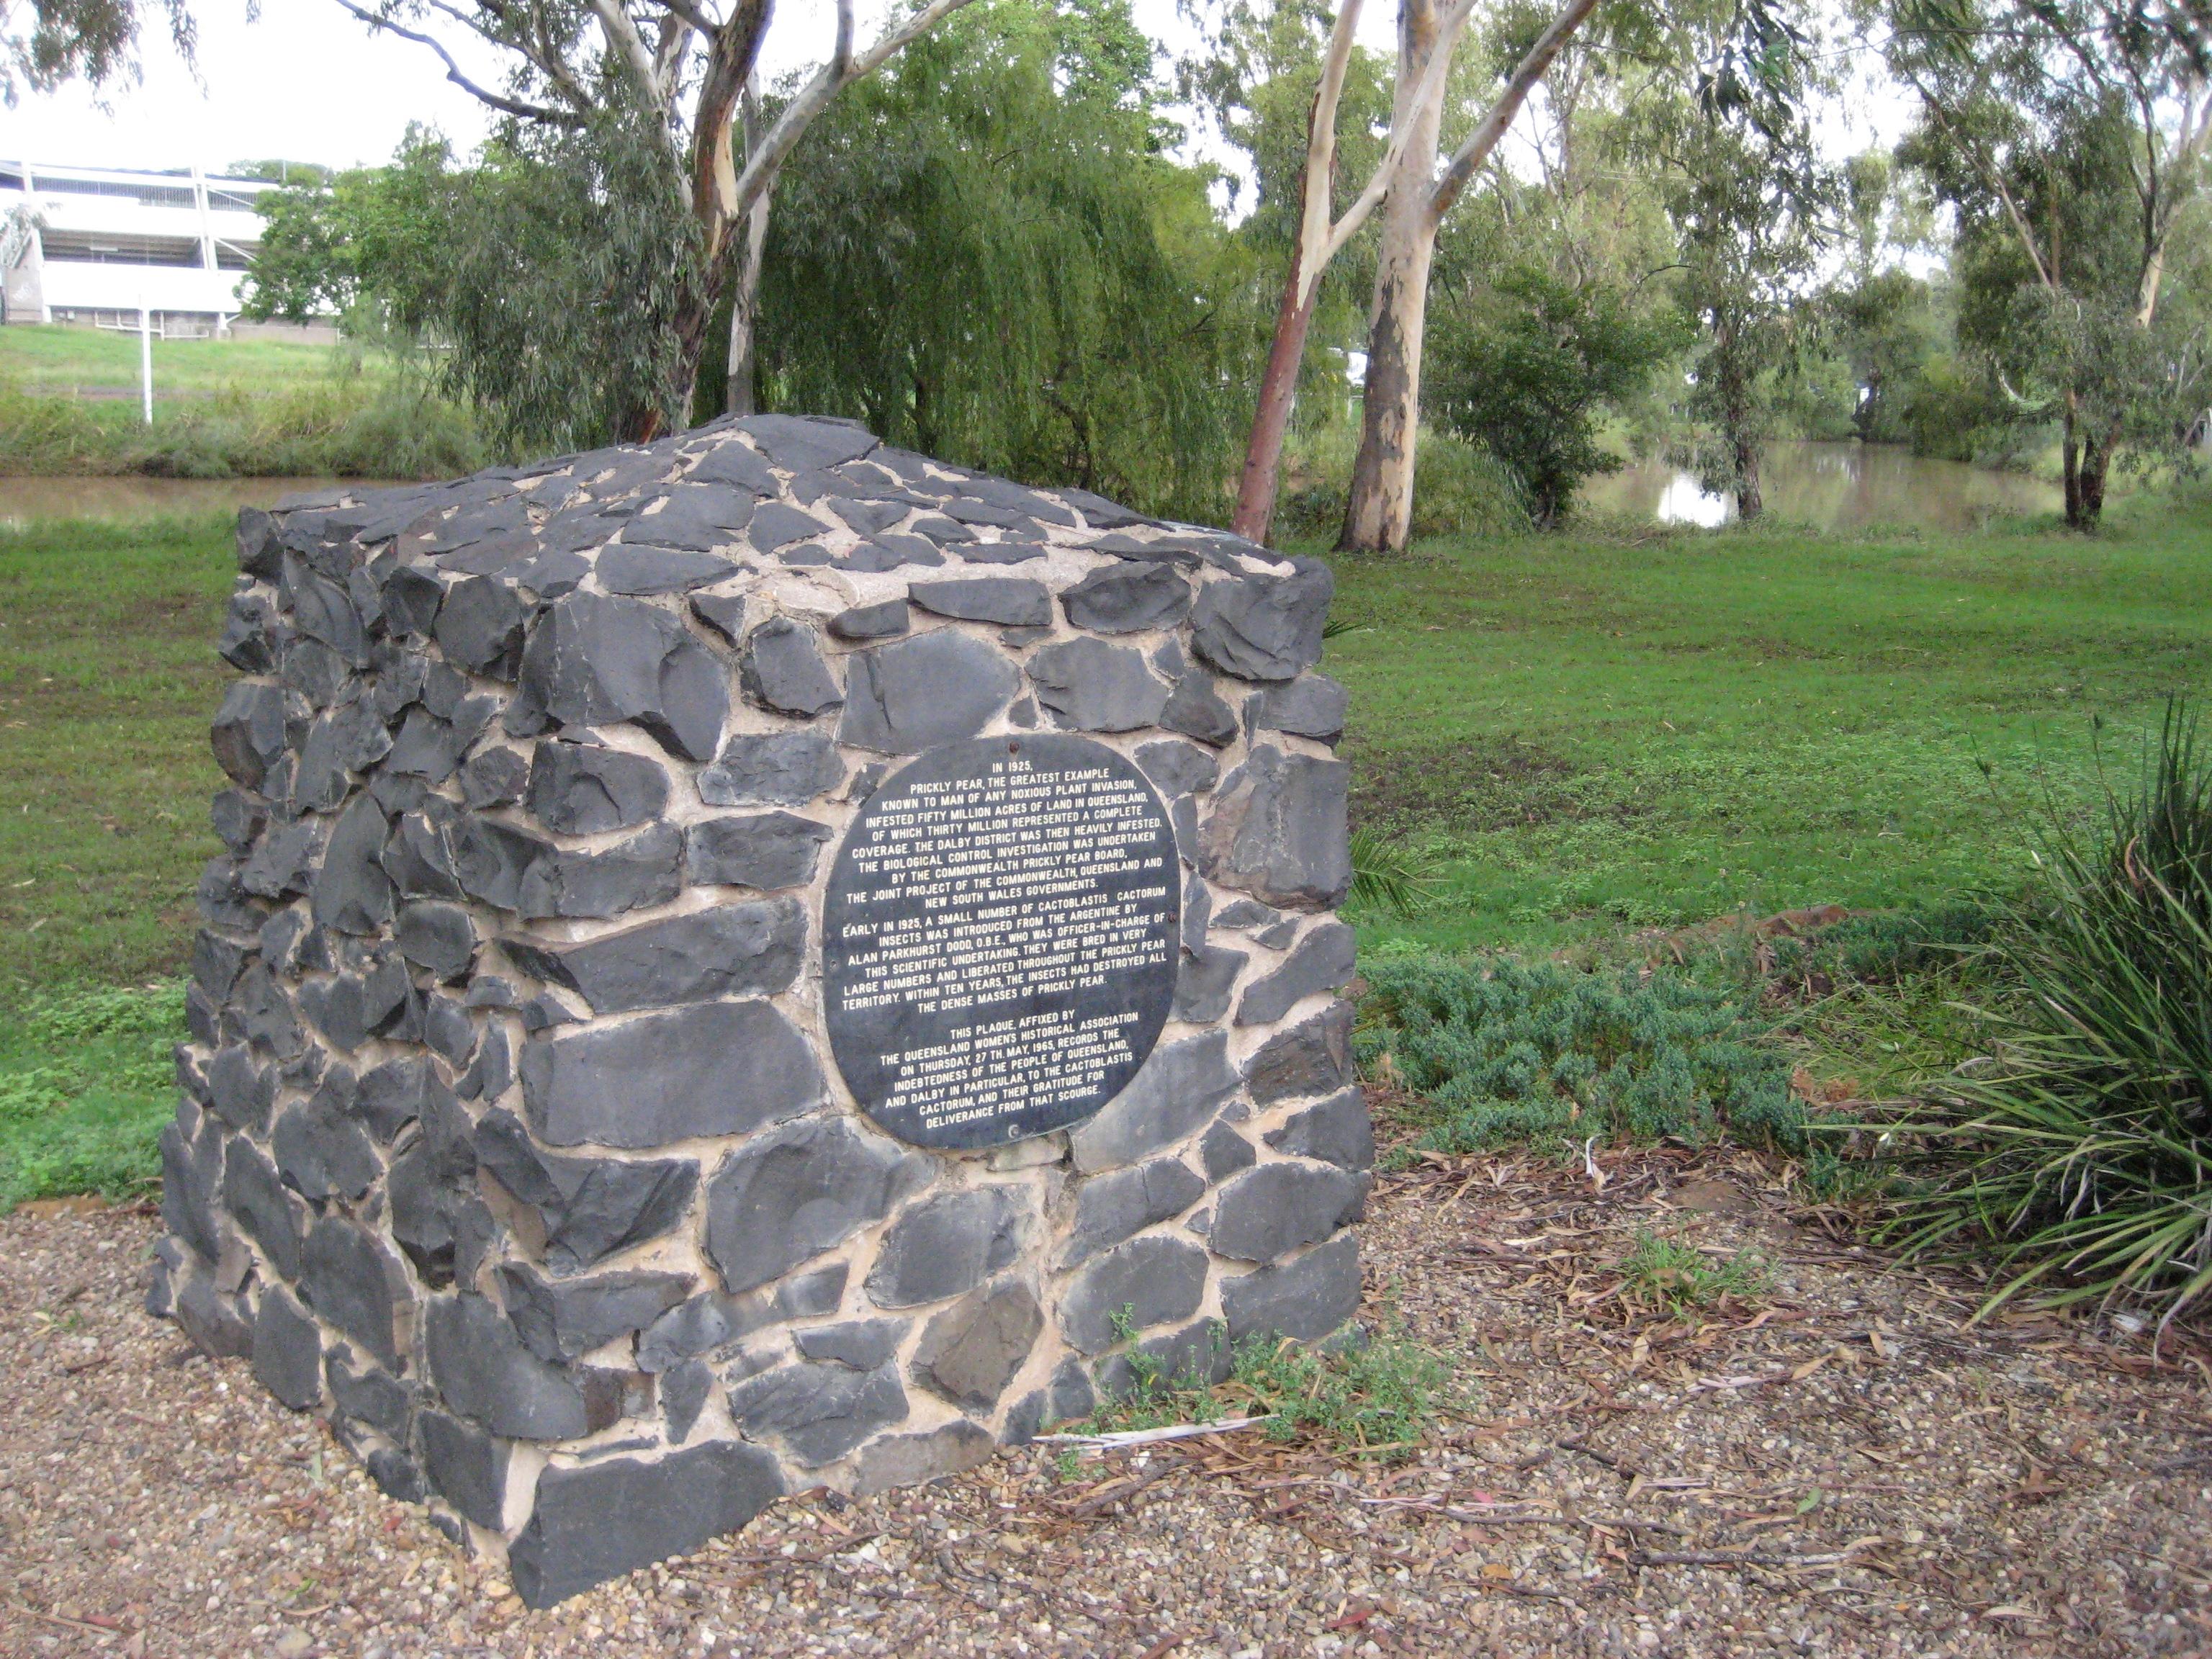 Dalby Australia  city images : Description Cactoblastis monument, Dalby, Queensland, Australia